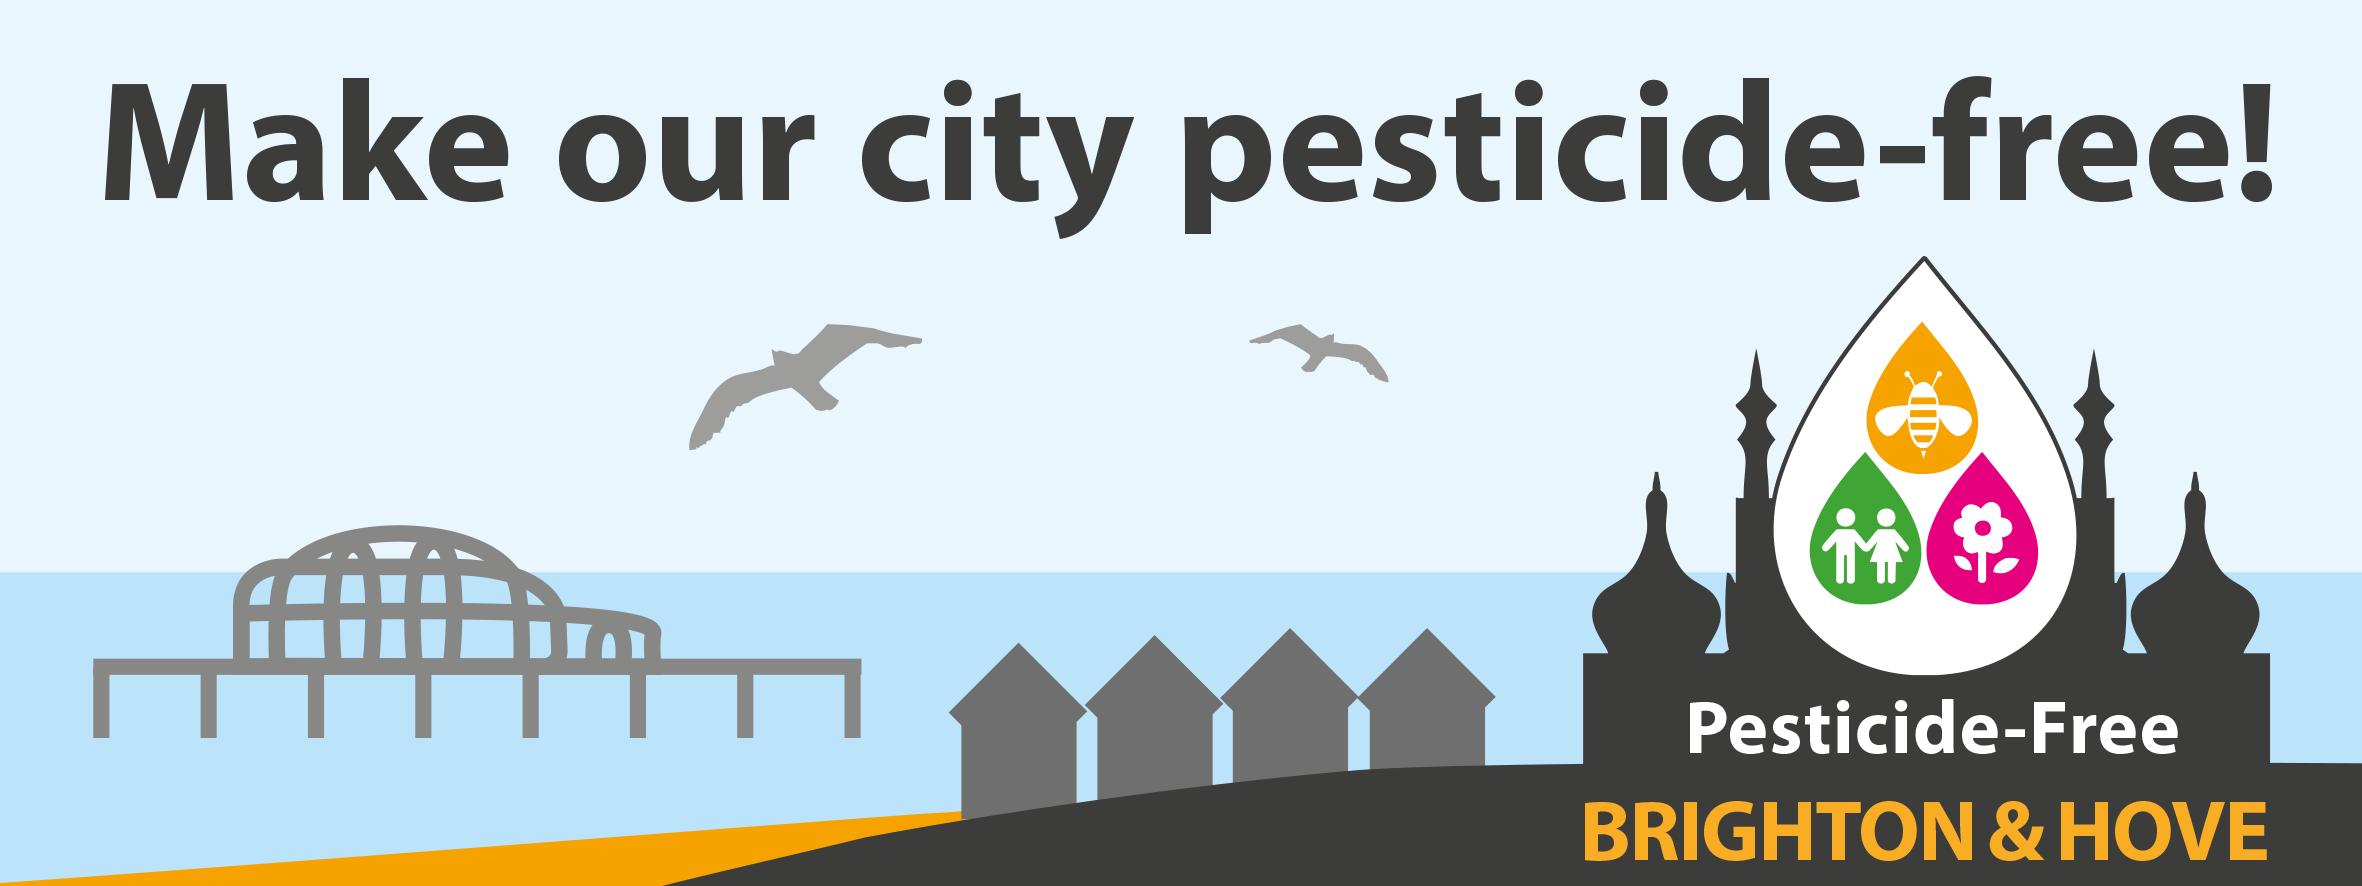 Make Brighton and Hove pesticide-free